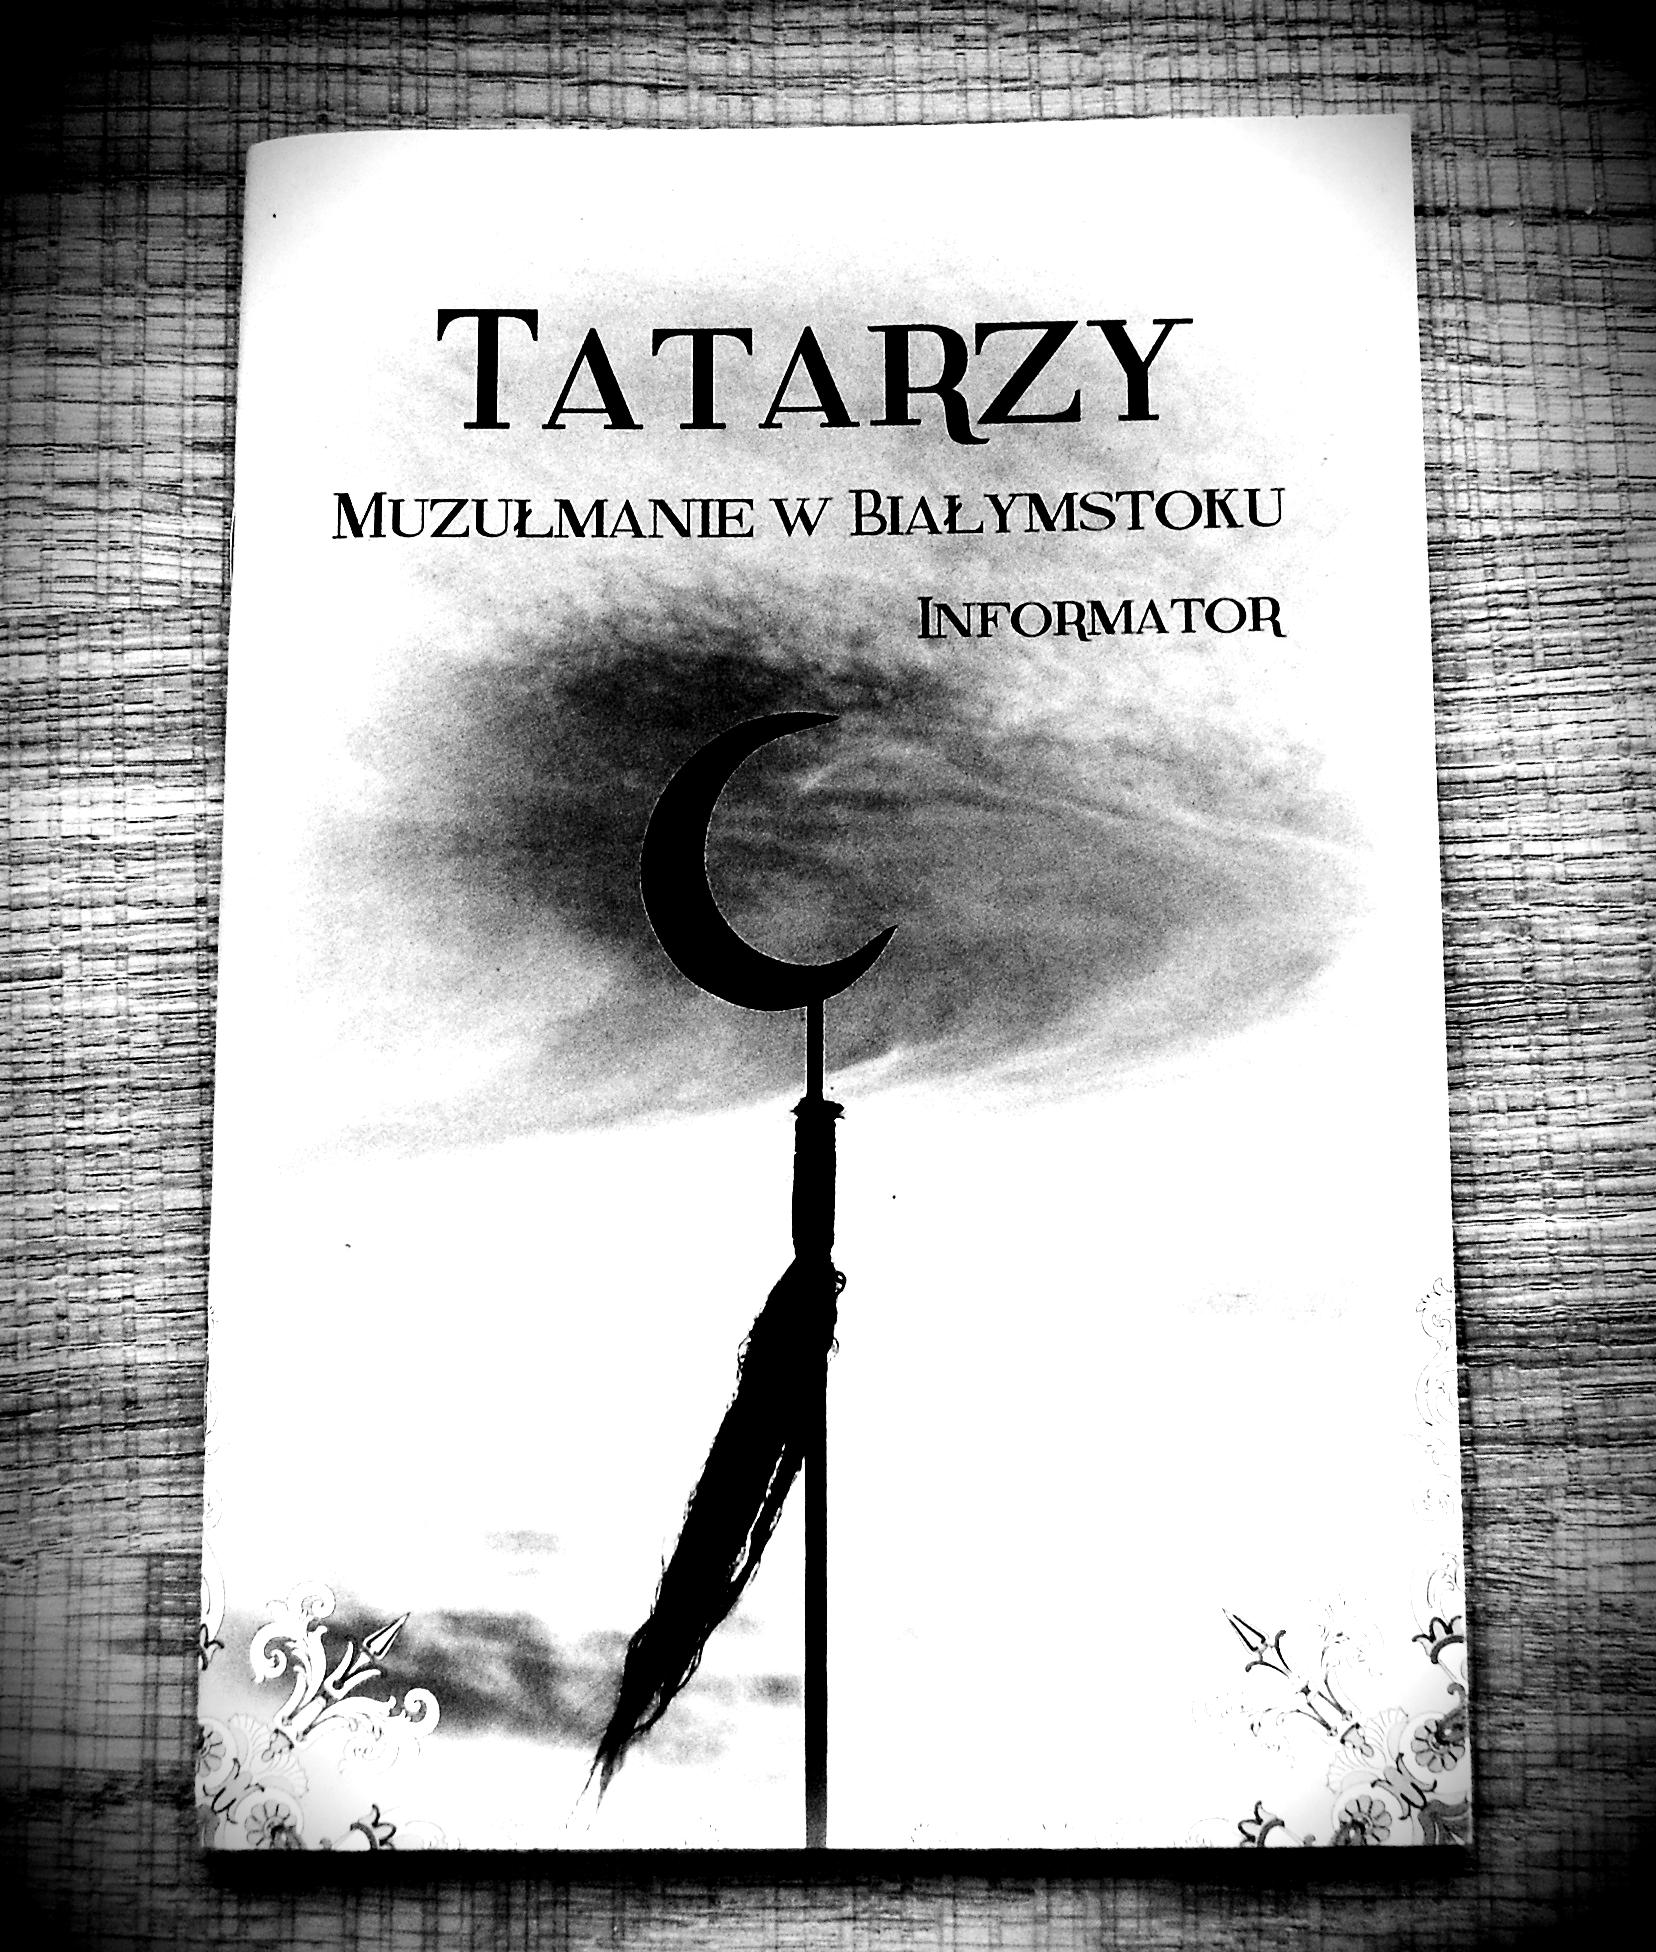 Tatarzy w BIA_cz.b